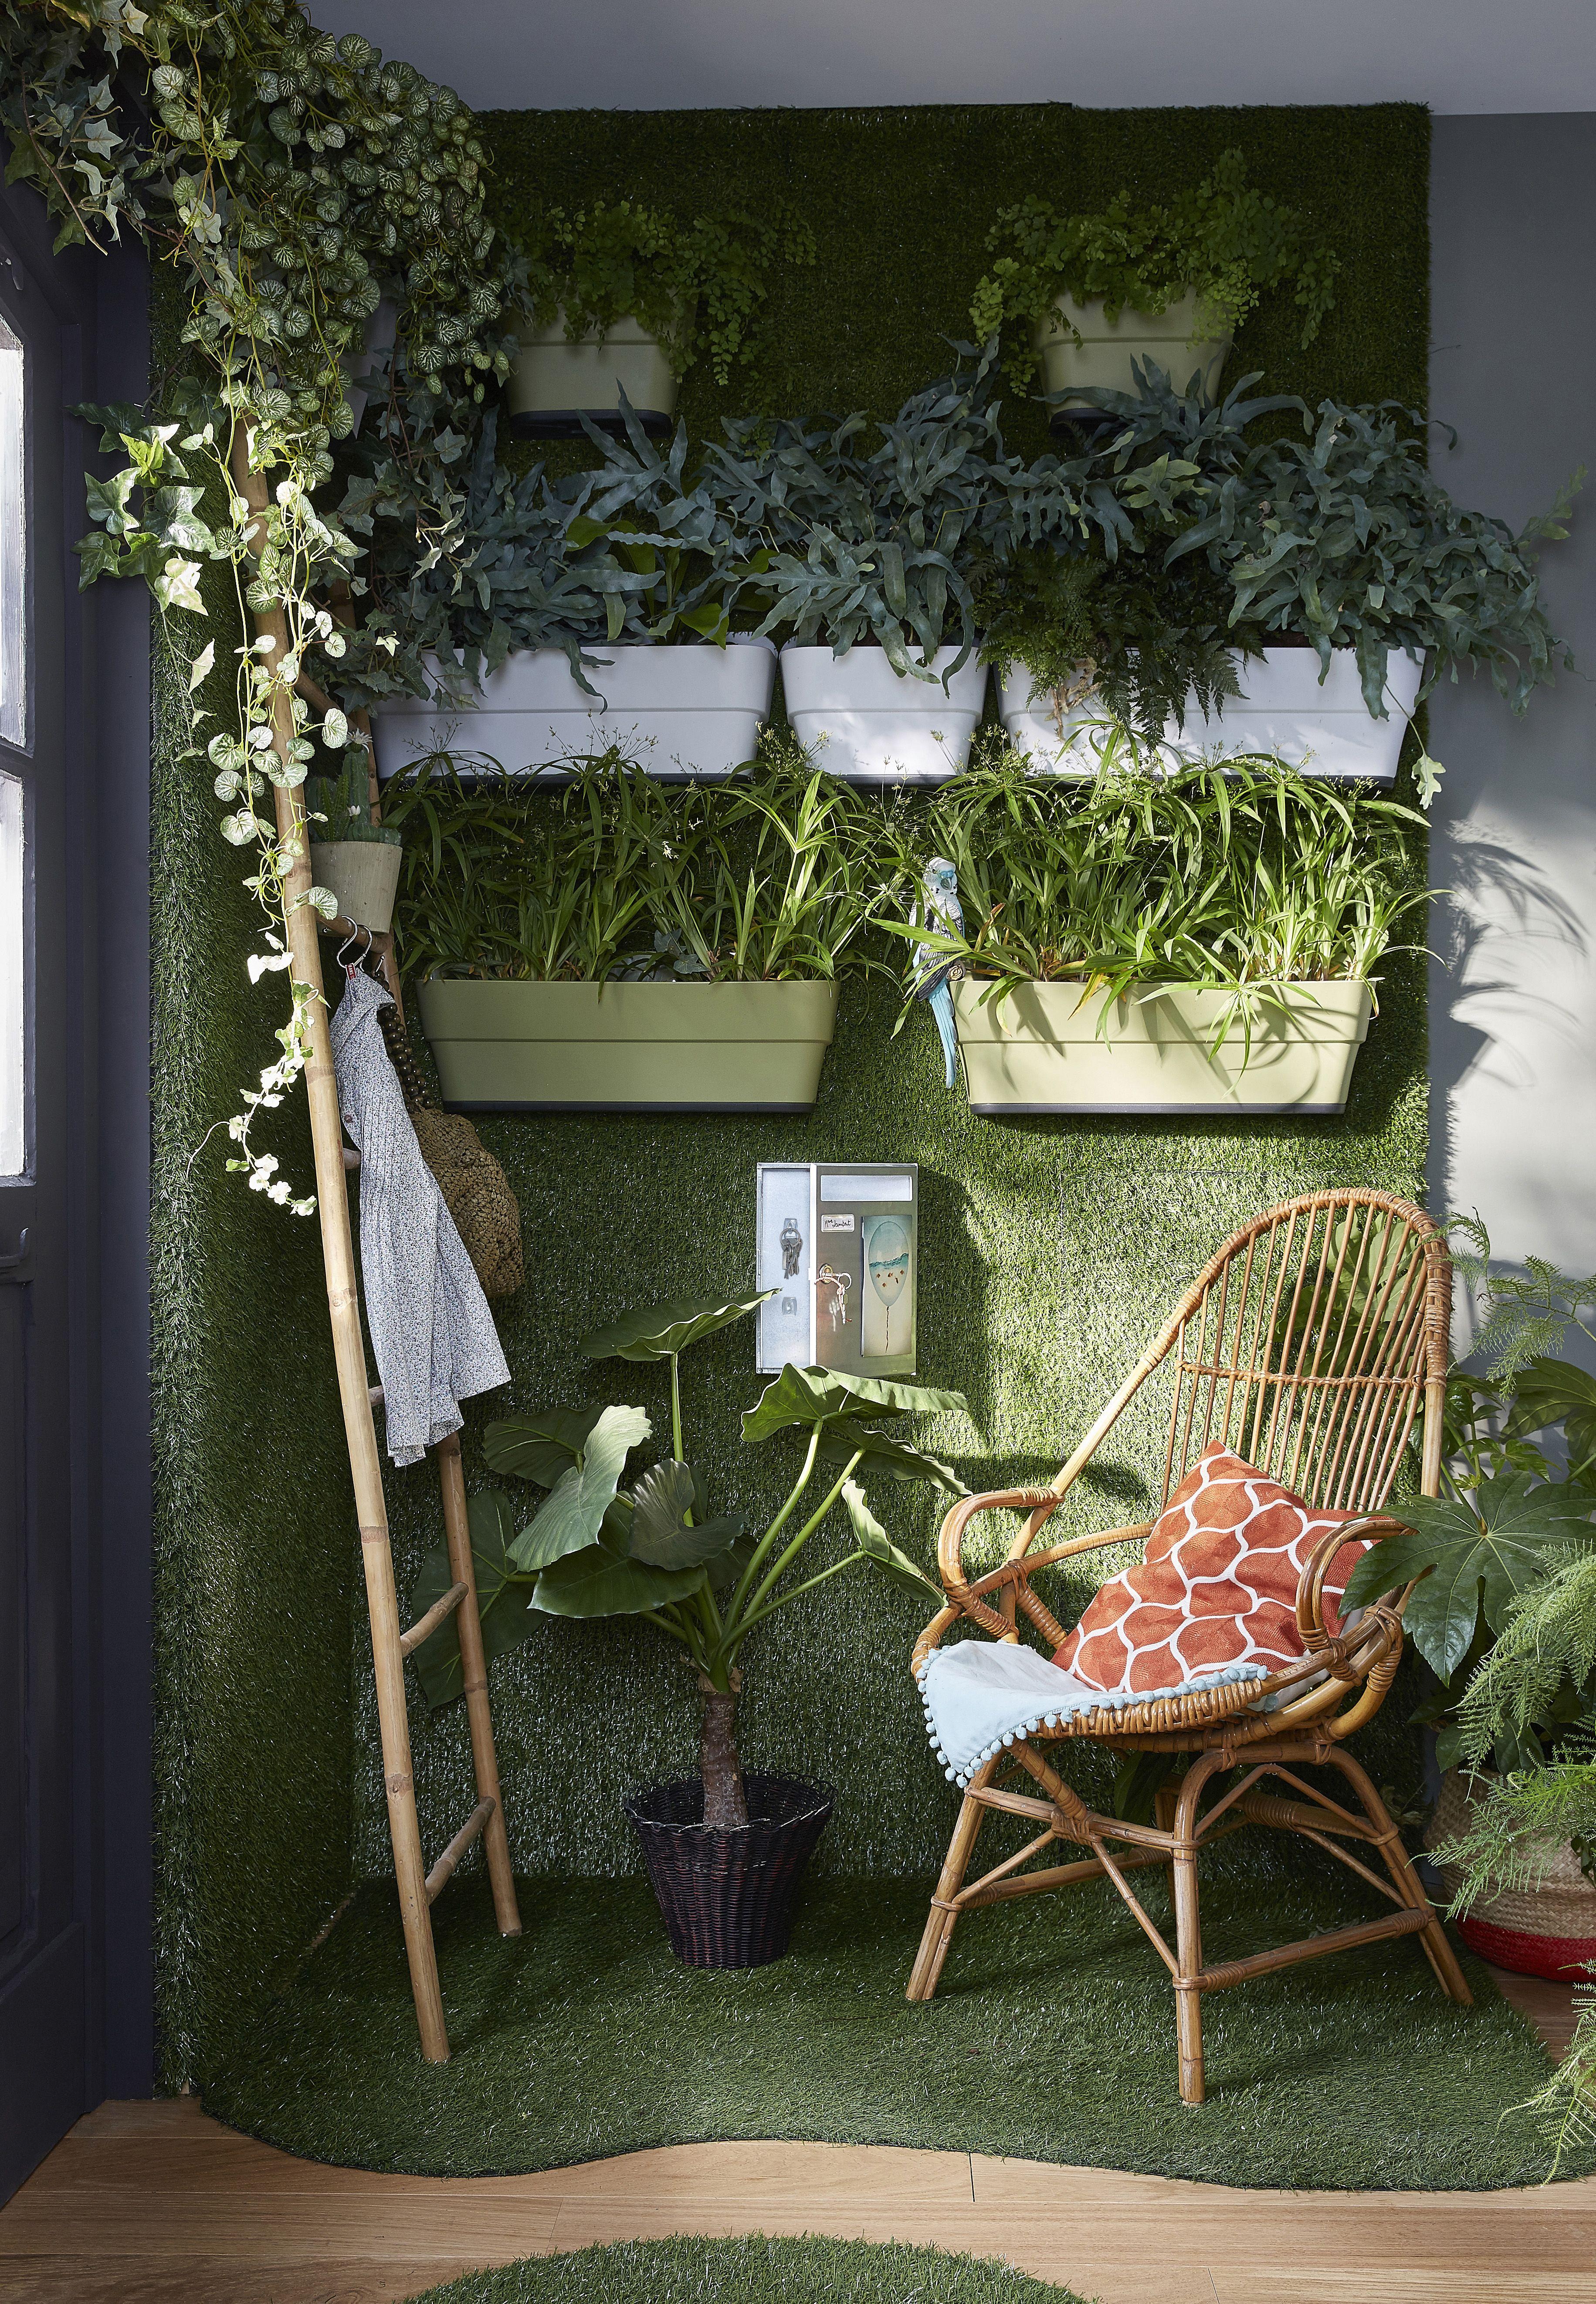 offrez vous un jardin en int rieur en osant un mur v g tal r alis avec des vraies plantes. Black Bedroom Furniture Sets. Home Design Ideas